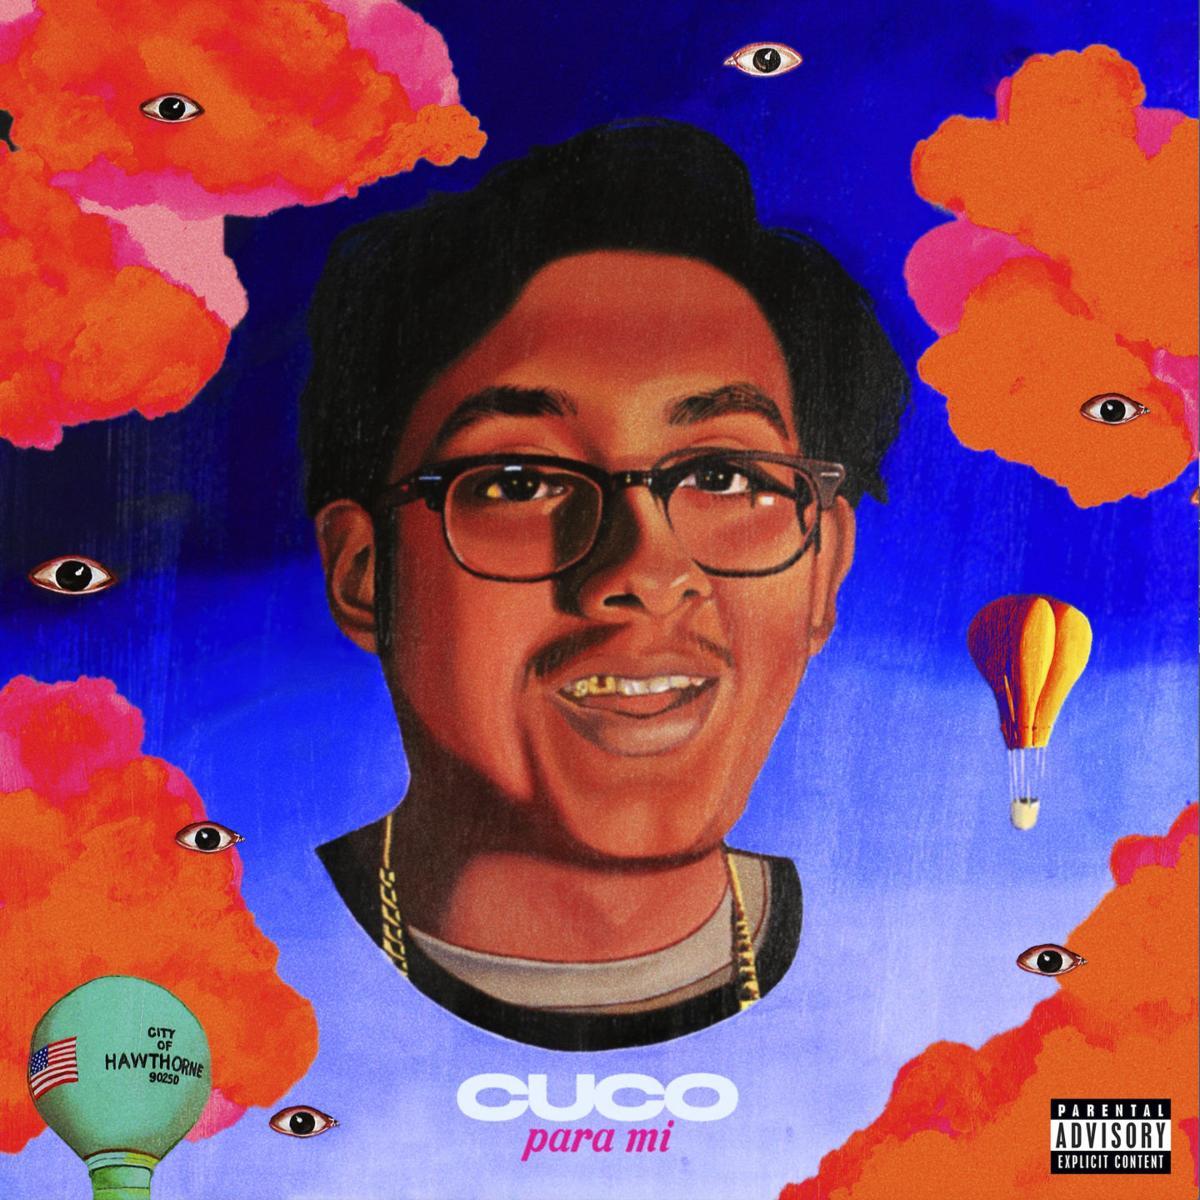 """Escucha """"Para Mí"""", el nuevo álbum de Cuco que te mostrará el lado más armonioso de la vida"""